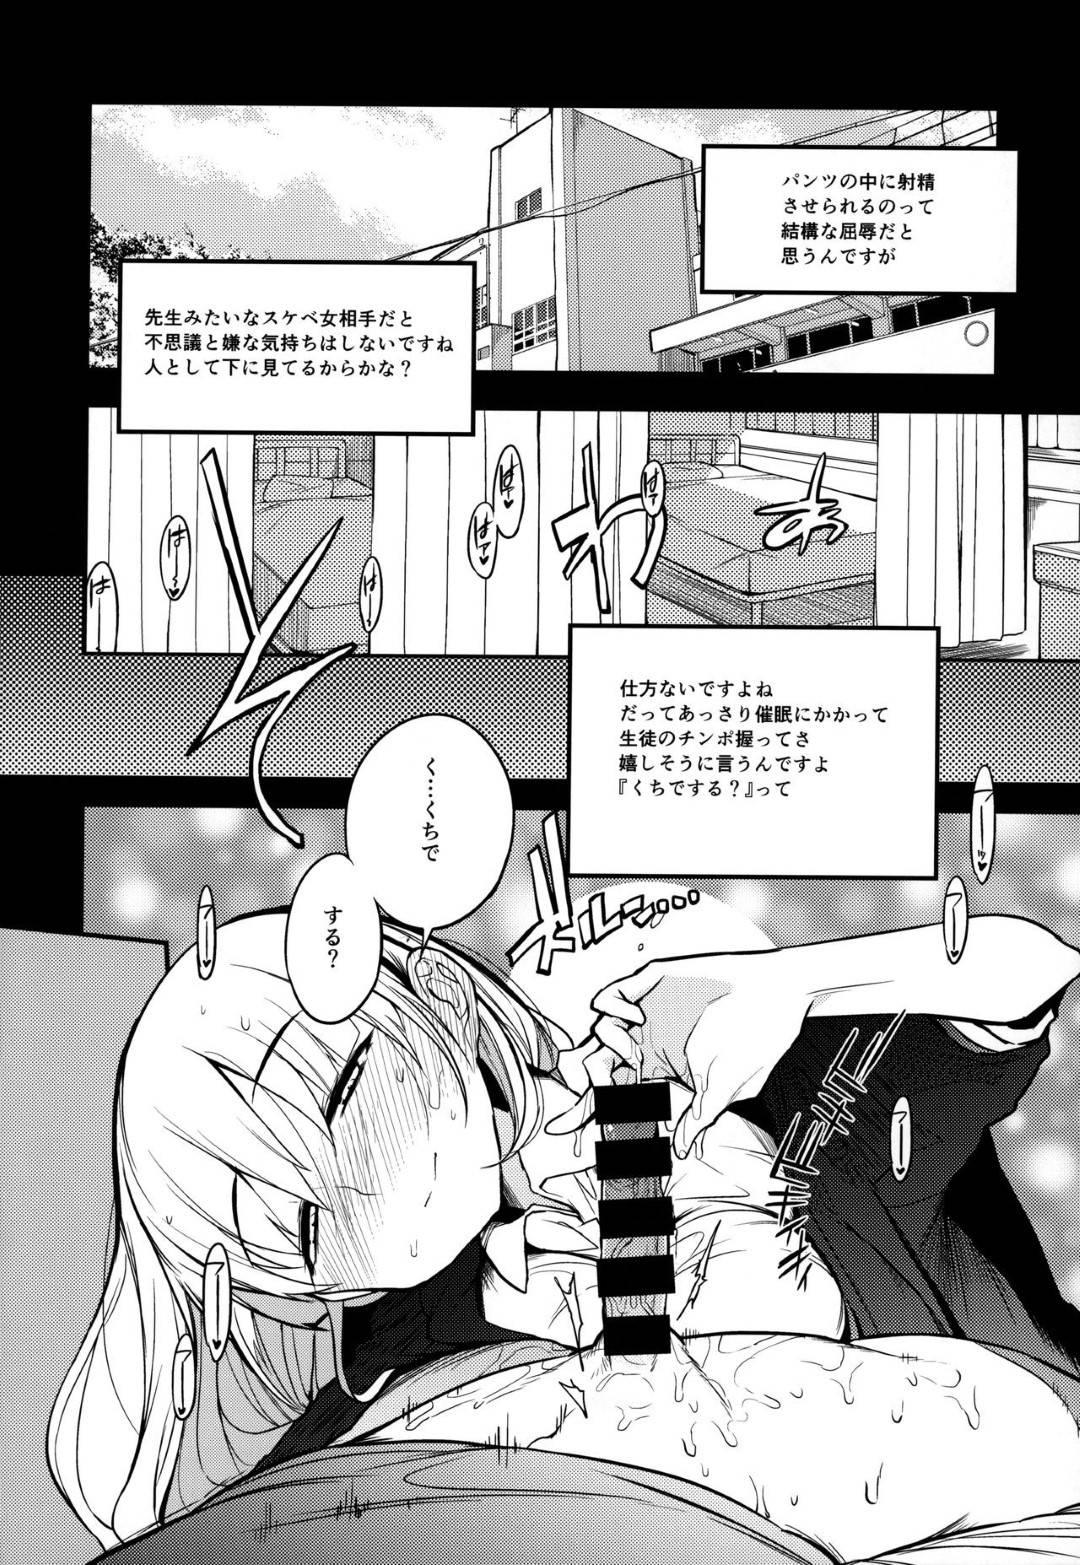 【女教師催眠エロ漫画】教え子に催眠術をかけられて淫乱状態にされてしまった女教師。誰もいない保健室で彼女は彼に手コキやフェラで射精させる。更にまた後日、催眠をかけられた先生は彼に跨ってセックスまでしてしまう。【NAITOU2】